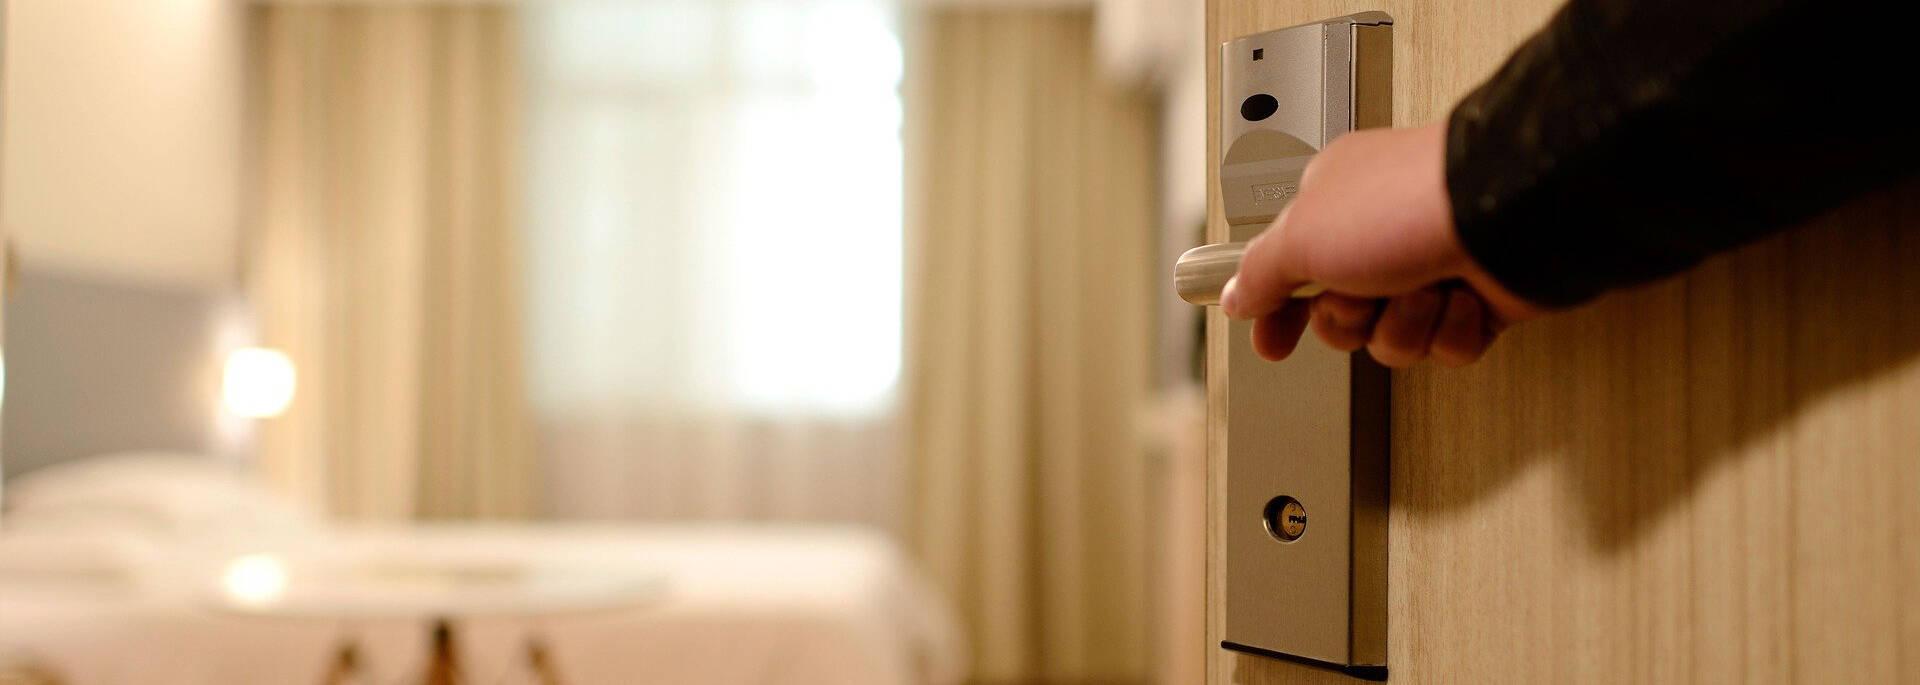 Personne ouvrant la porte d'une chambre d'hôtel à Angers